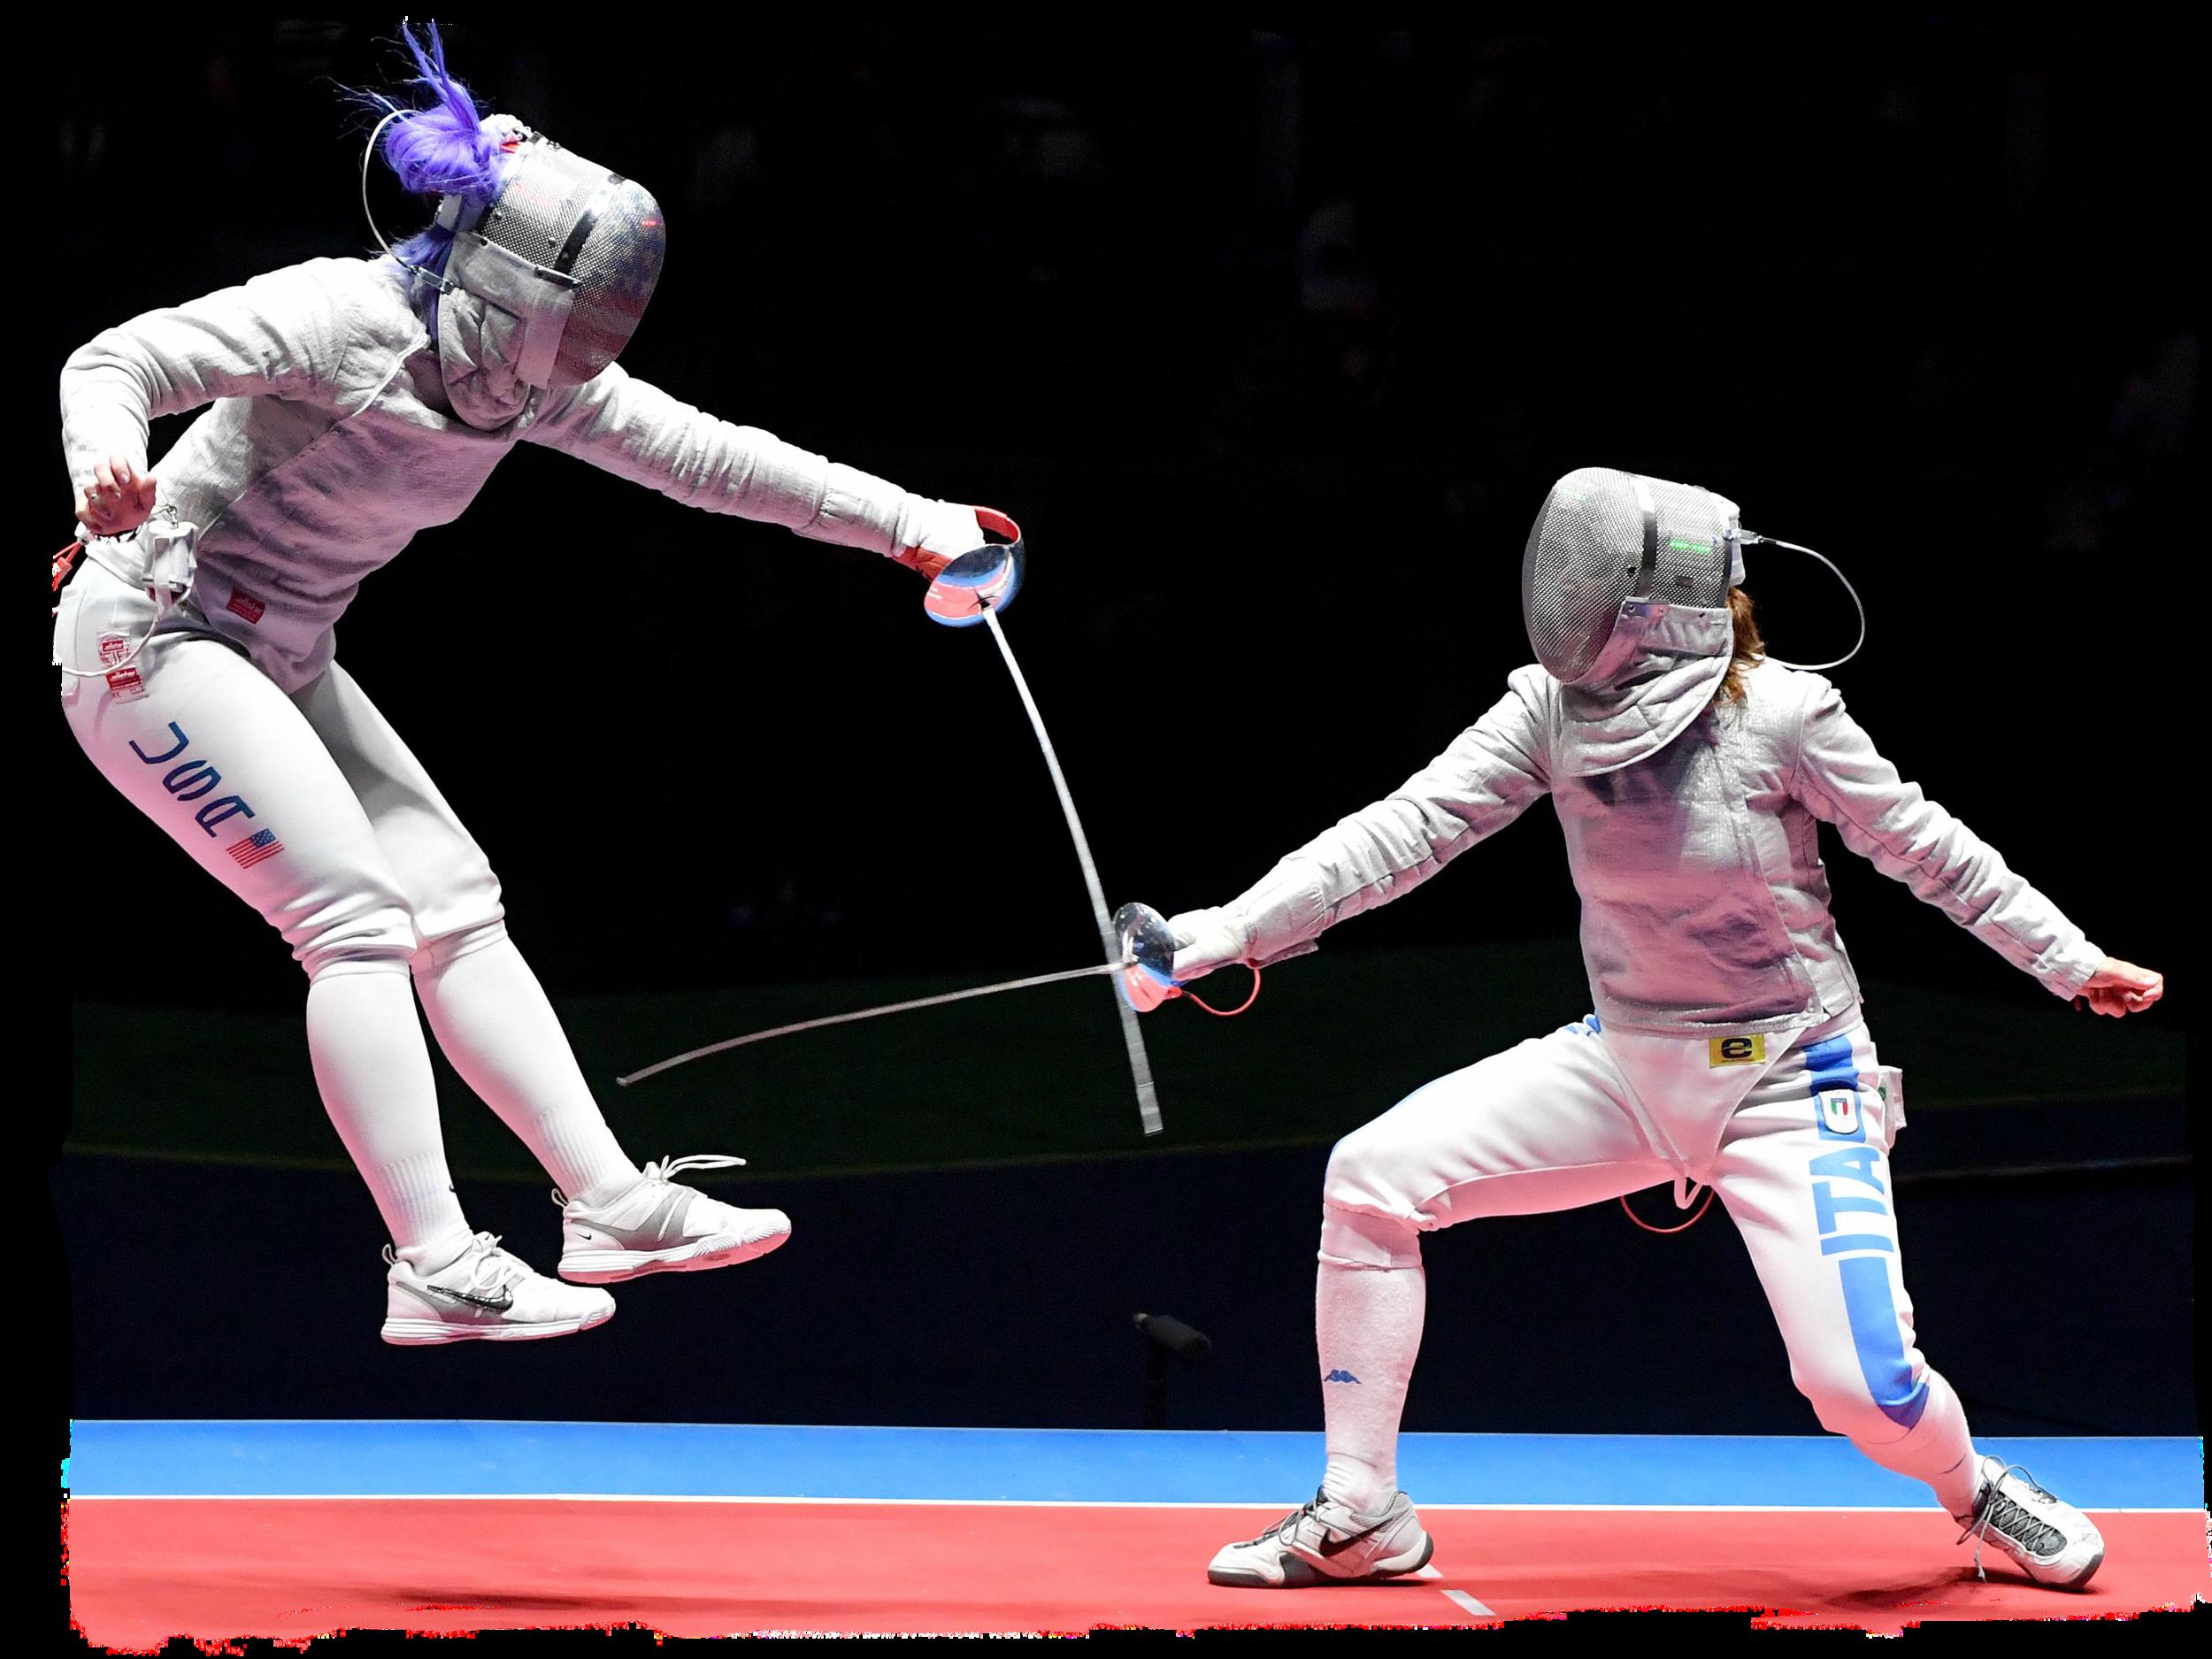 DAGMARA WOZNIAK      TEAM USA OLYMPIAN 2016 RIO BRONZE FENCER